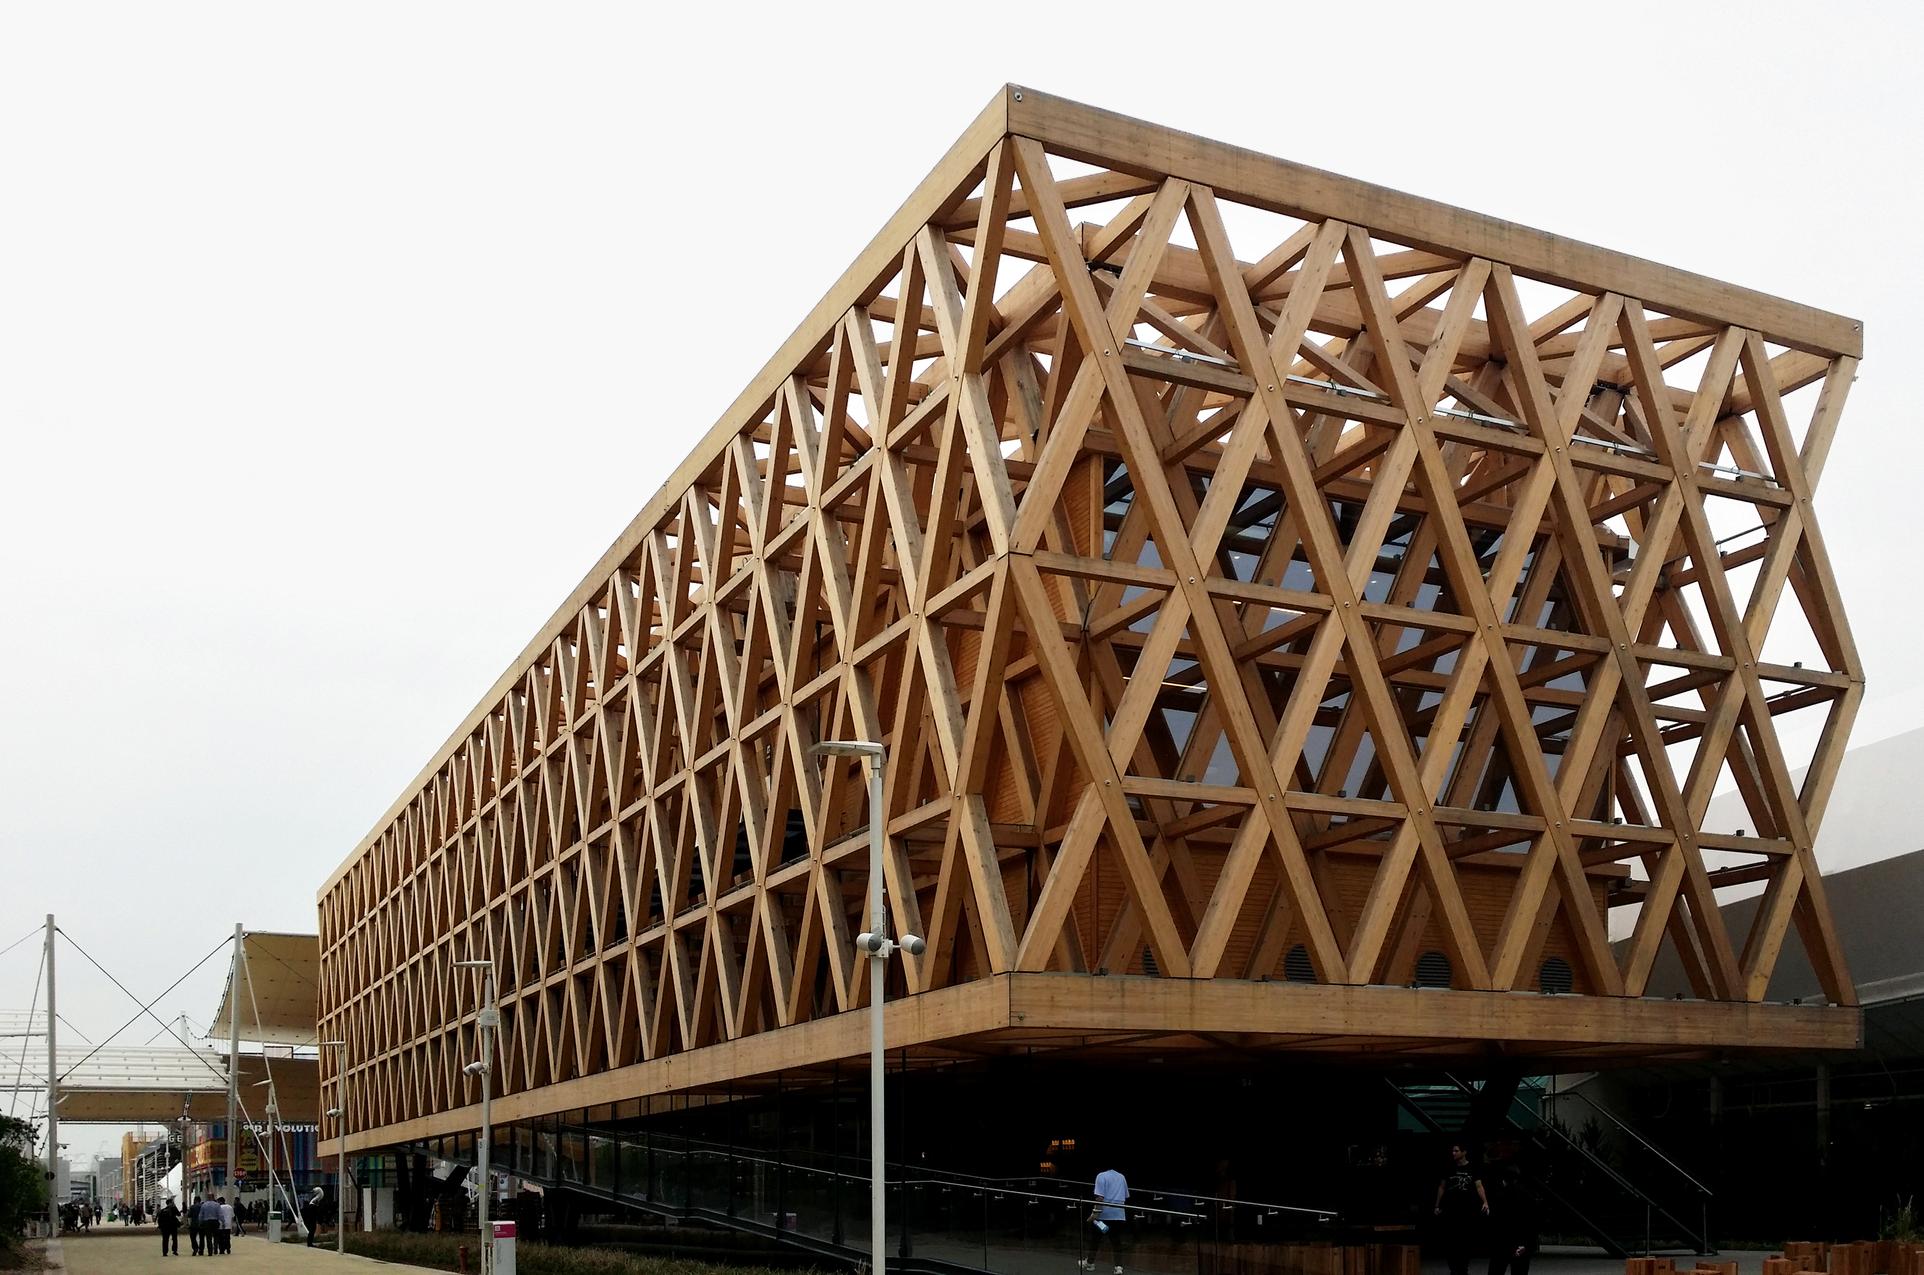 Galer a de materiales madera laminada y su aplicaci n en - Estructura madera laminada ...